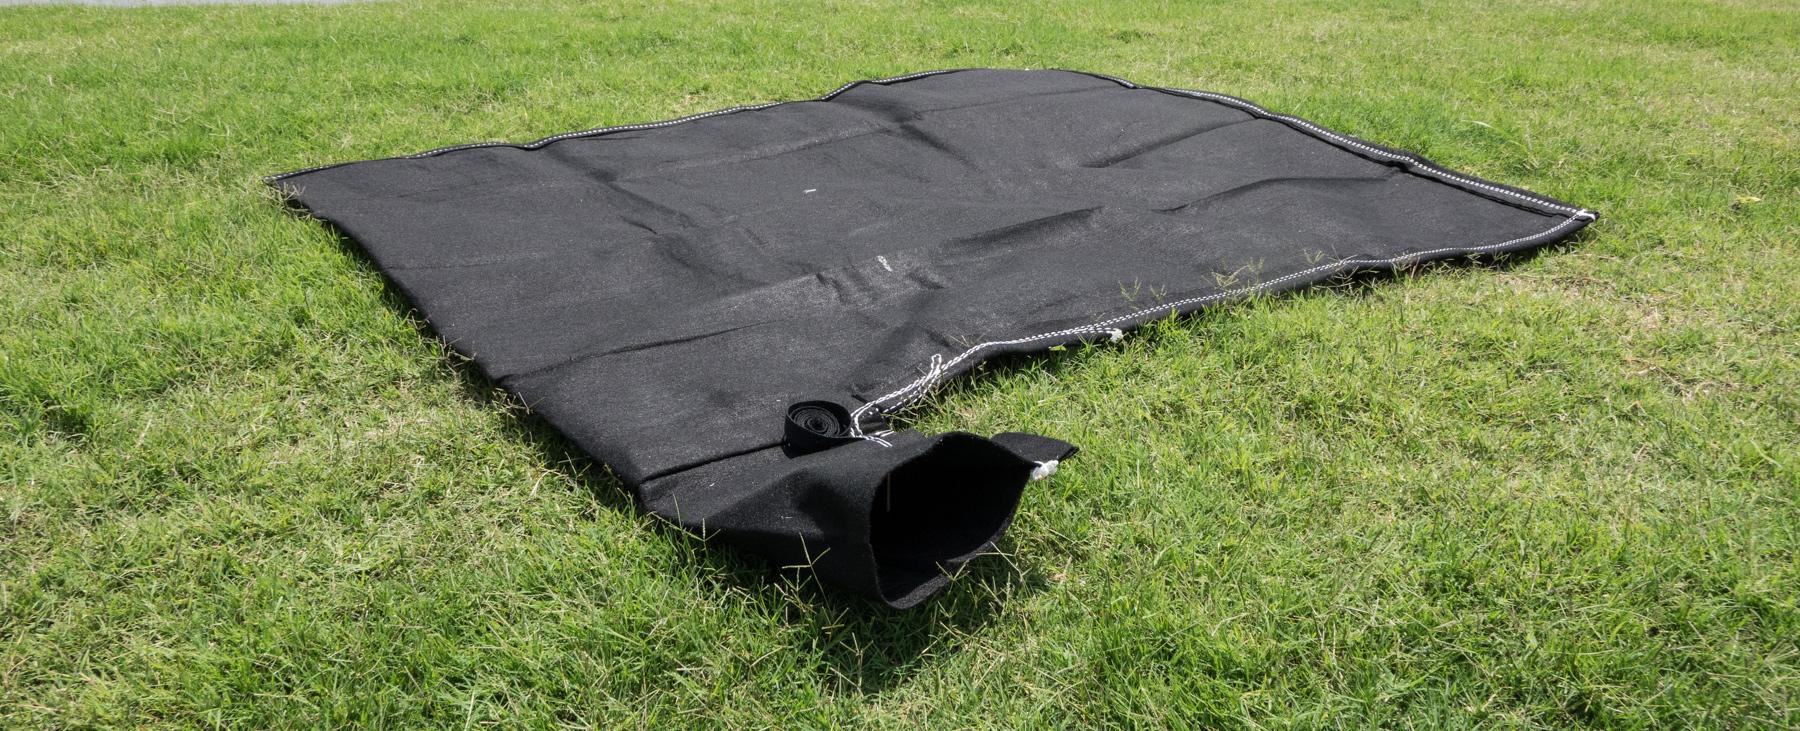 Dewatering Bag Filter Bag Silt Bag Dirt Bag